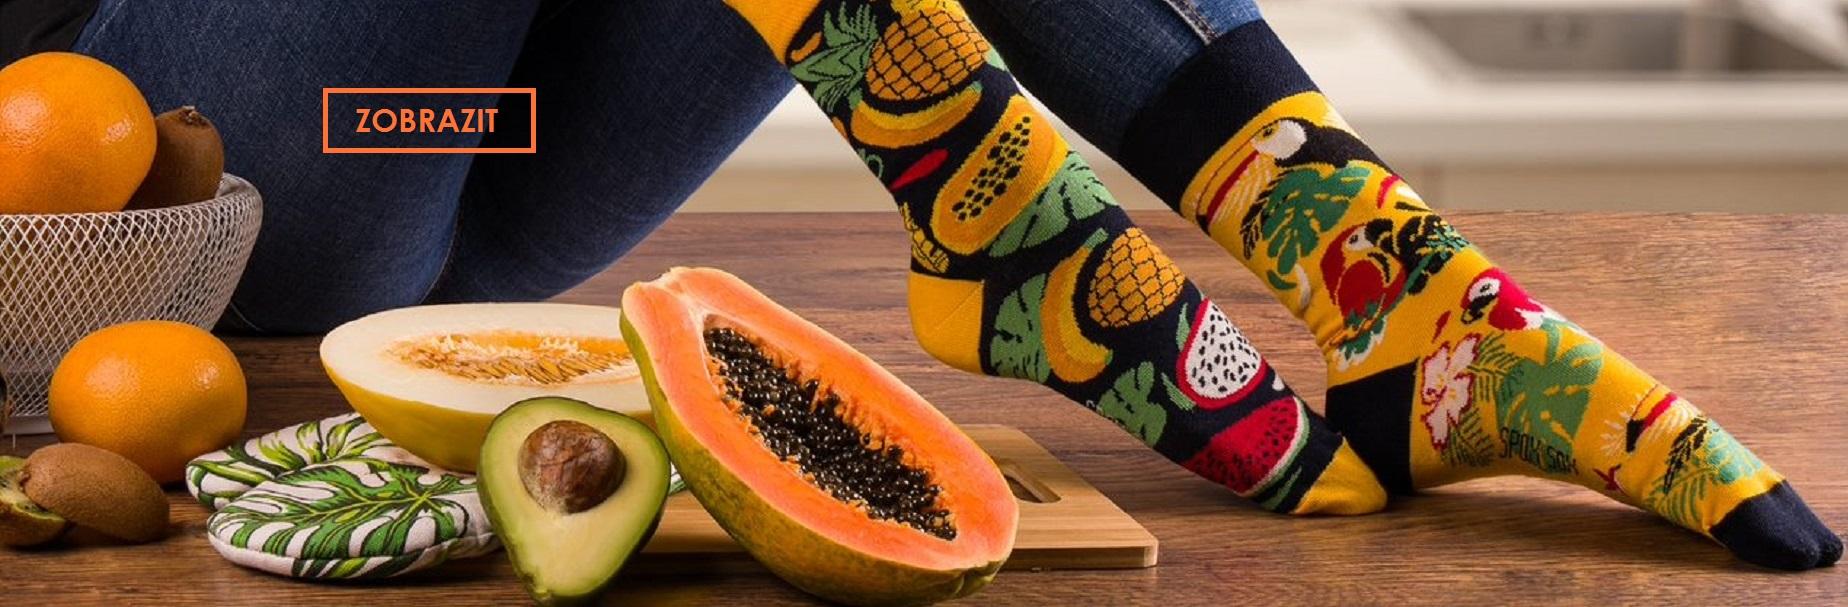 Veselé,zábavné ponožky s obrázky